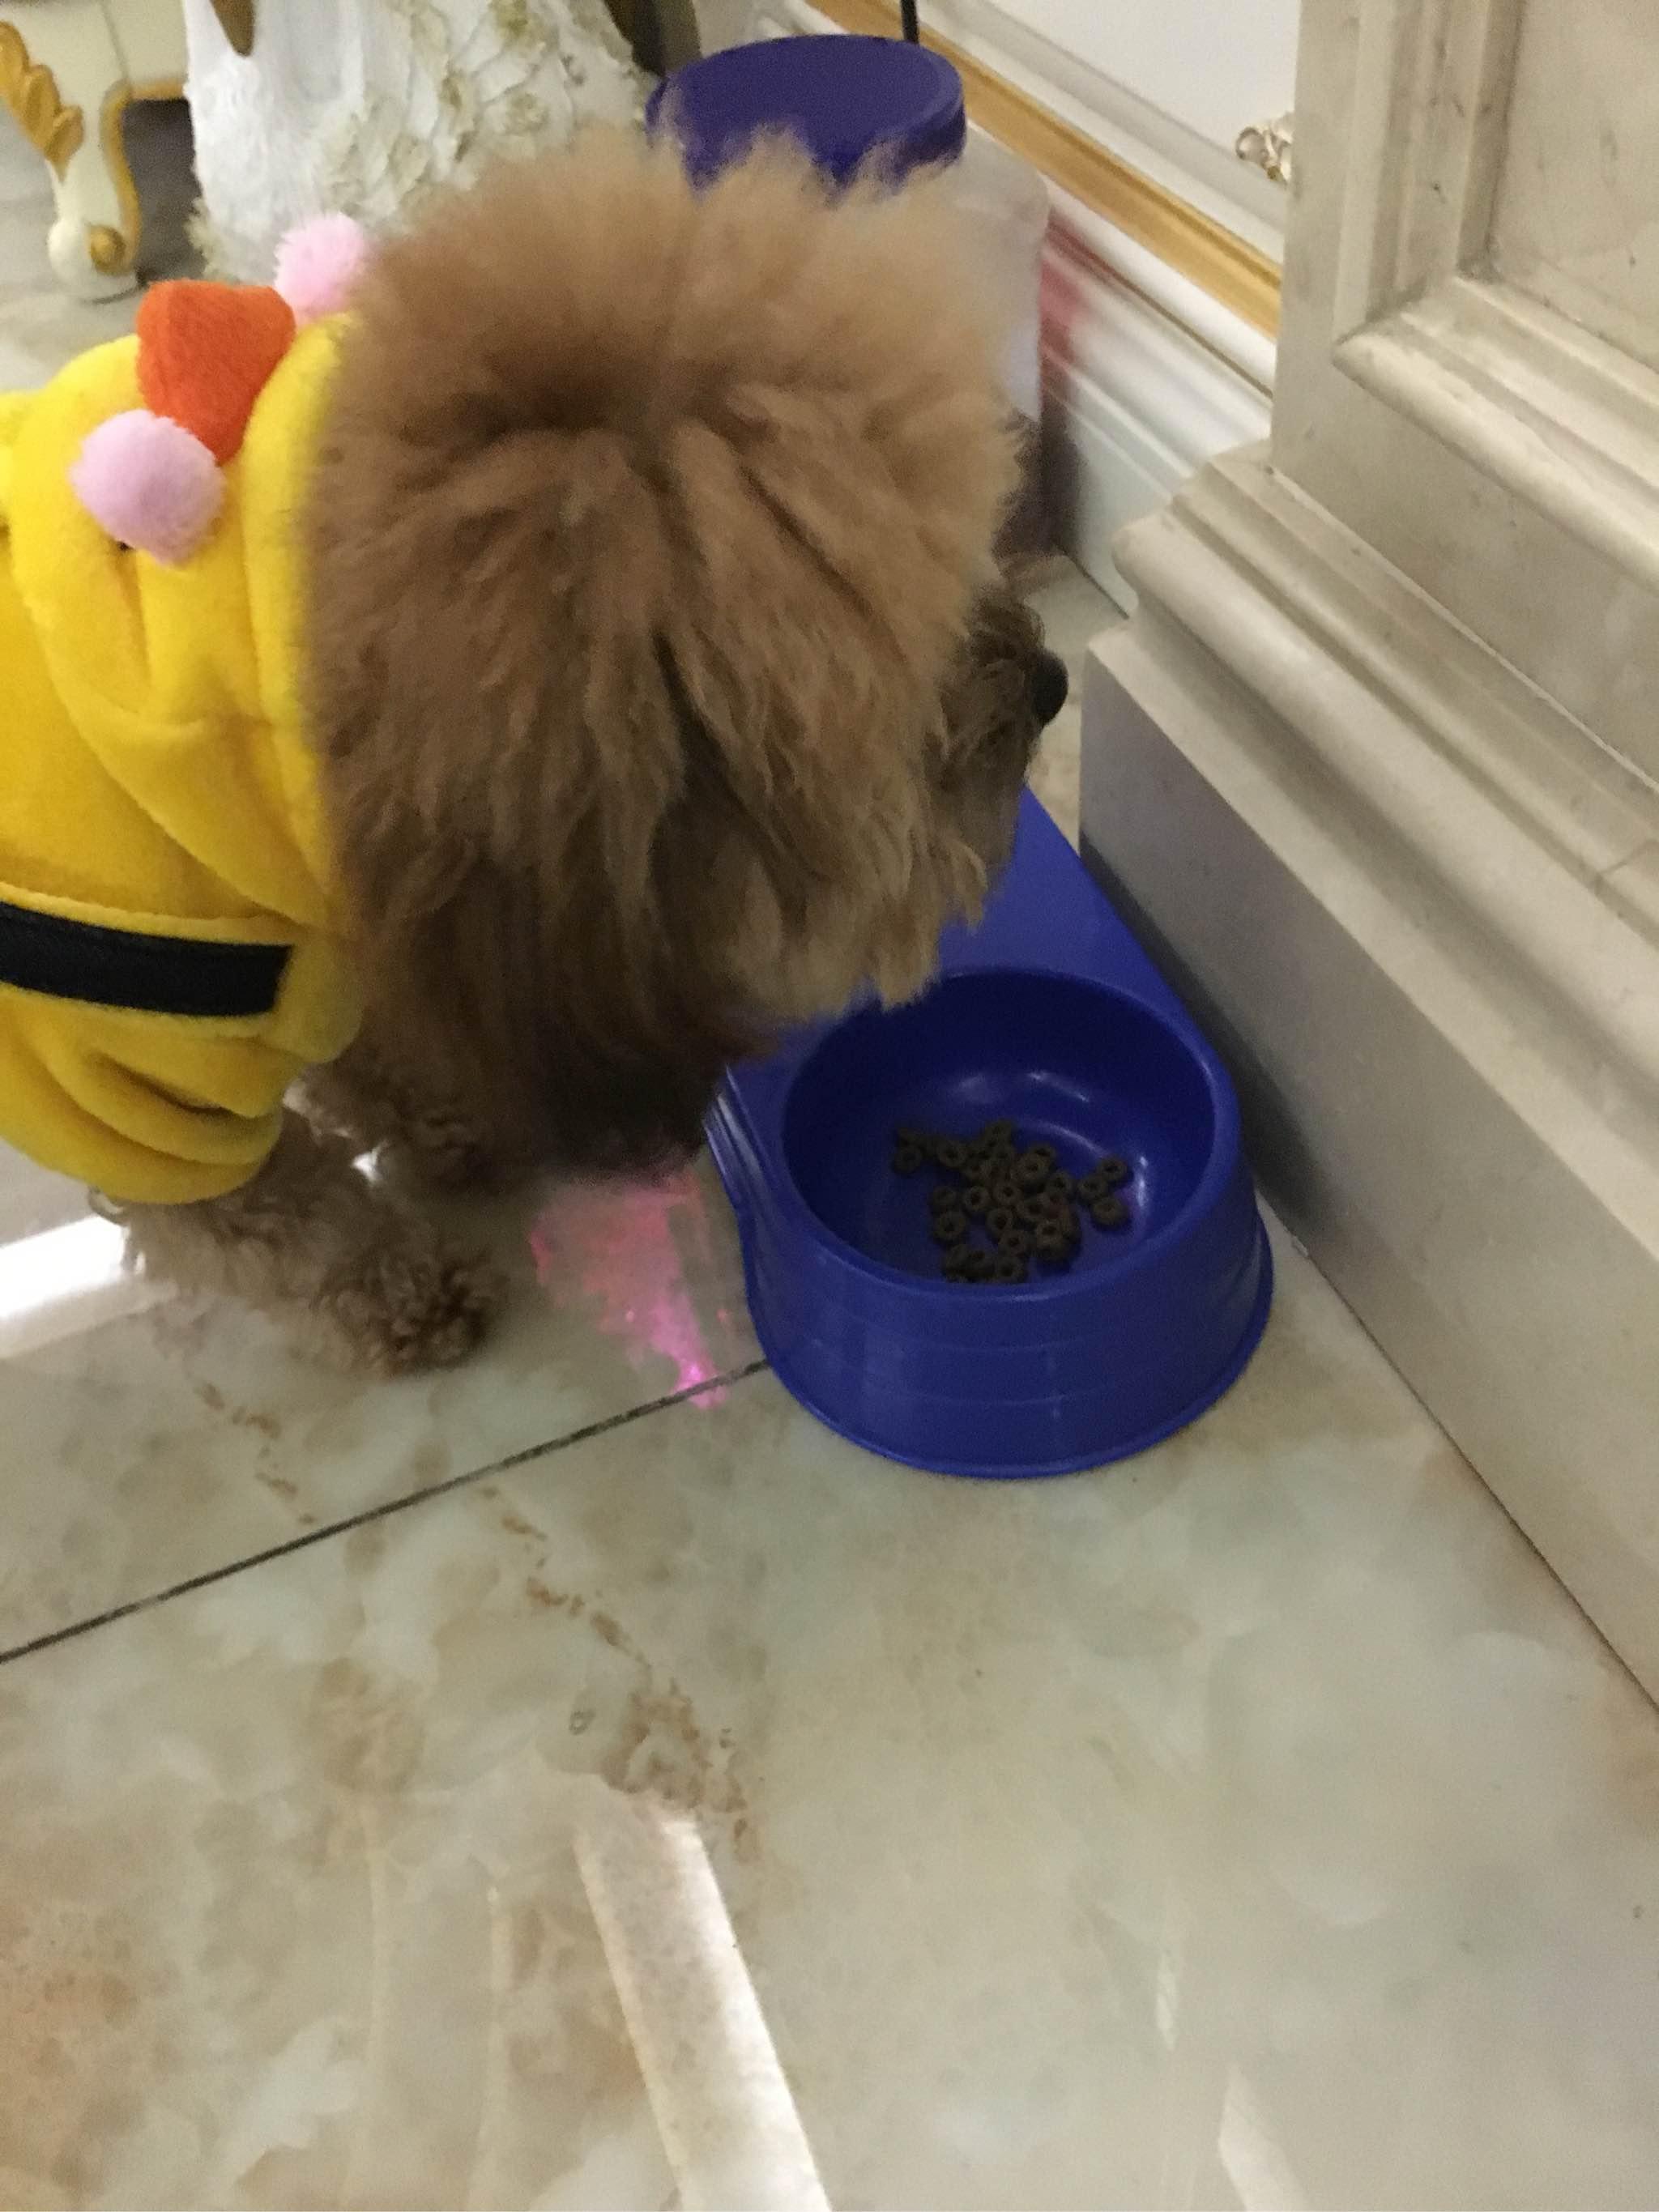 崂山矿泉水制作的甜甜圈狗粮,我家狗吃了后其它牌子都不吃了